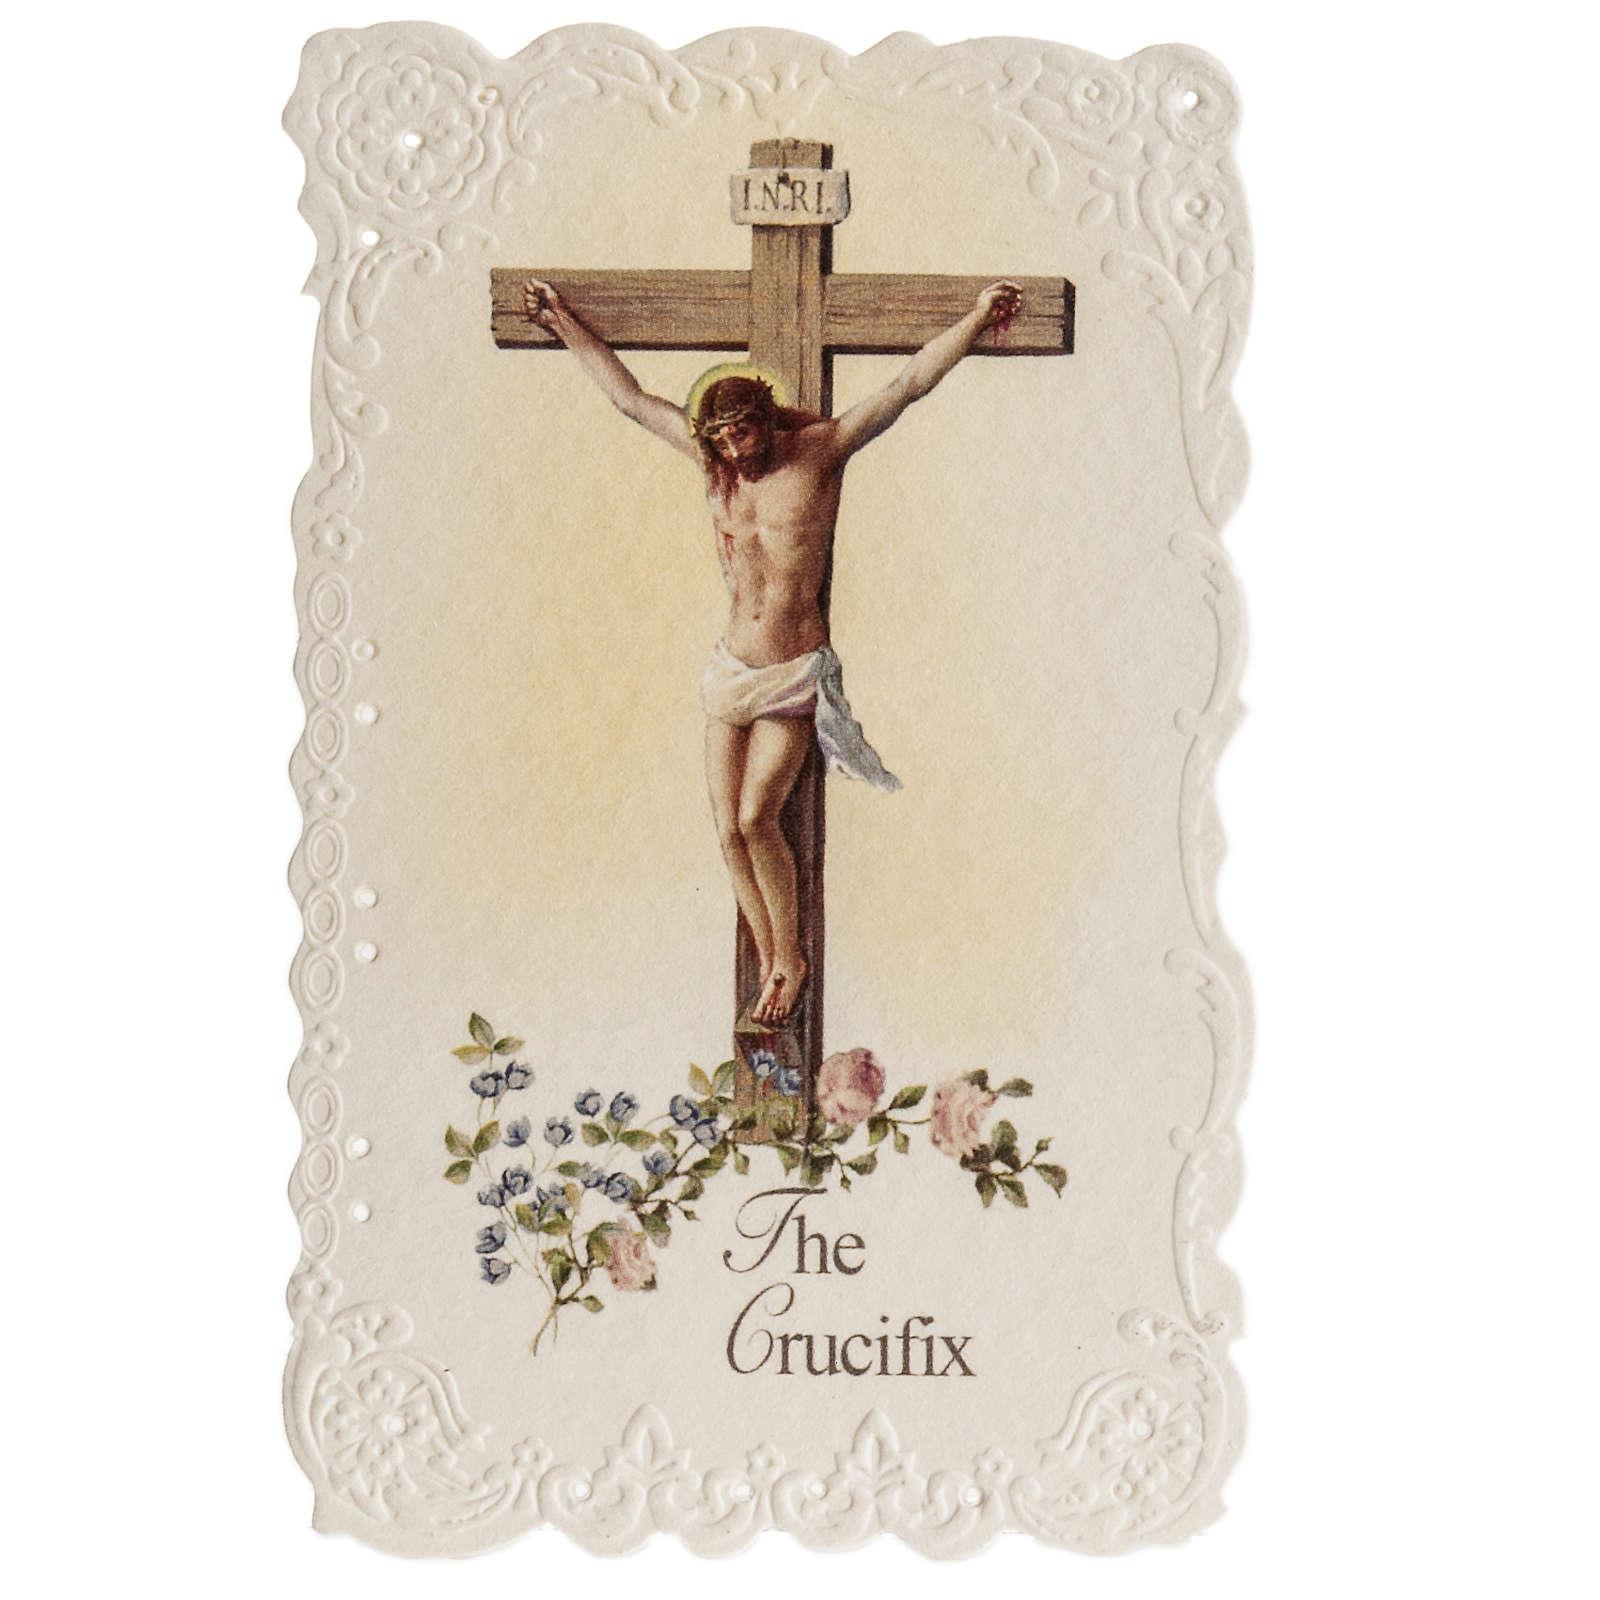 Image pieuse The Crucifix et prière ANGLAIS 4